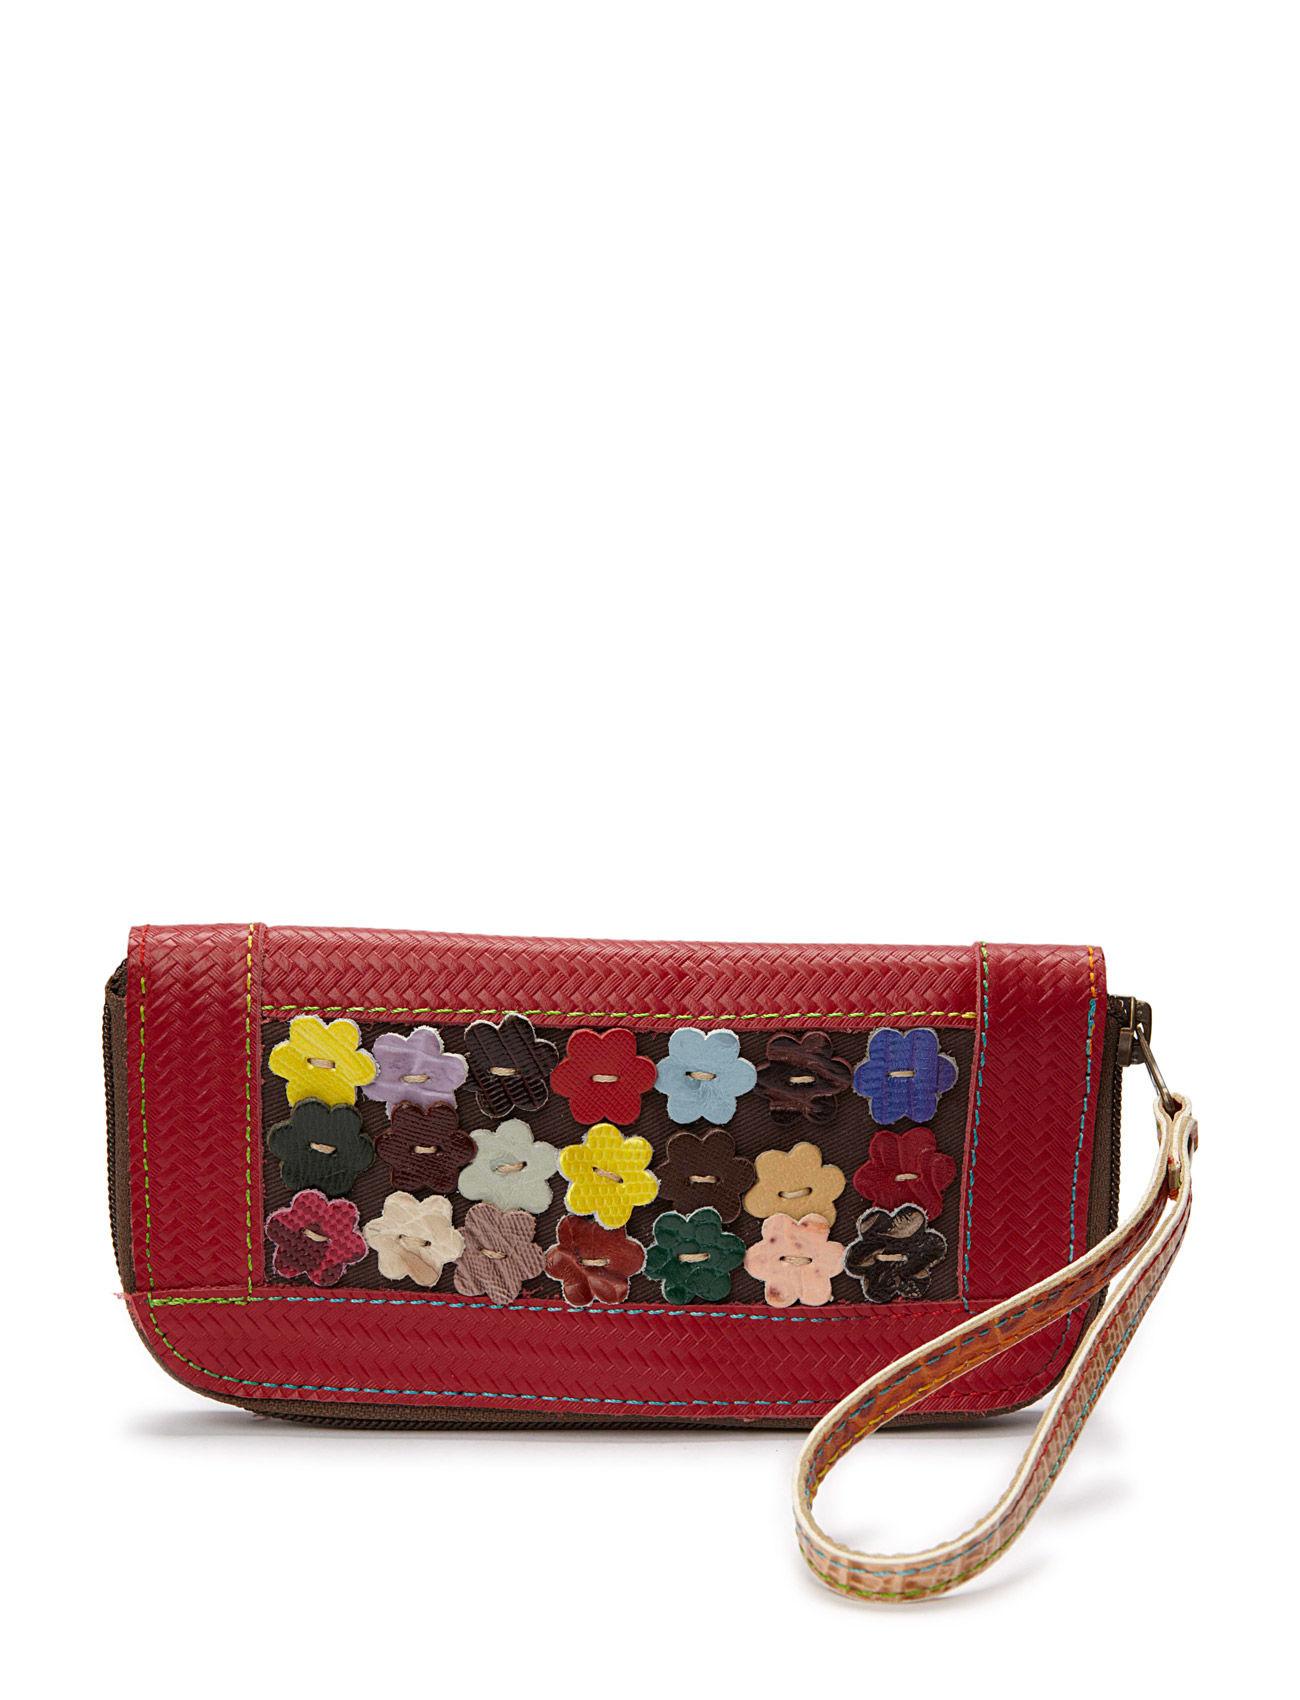 Women's|Handbags|Women's